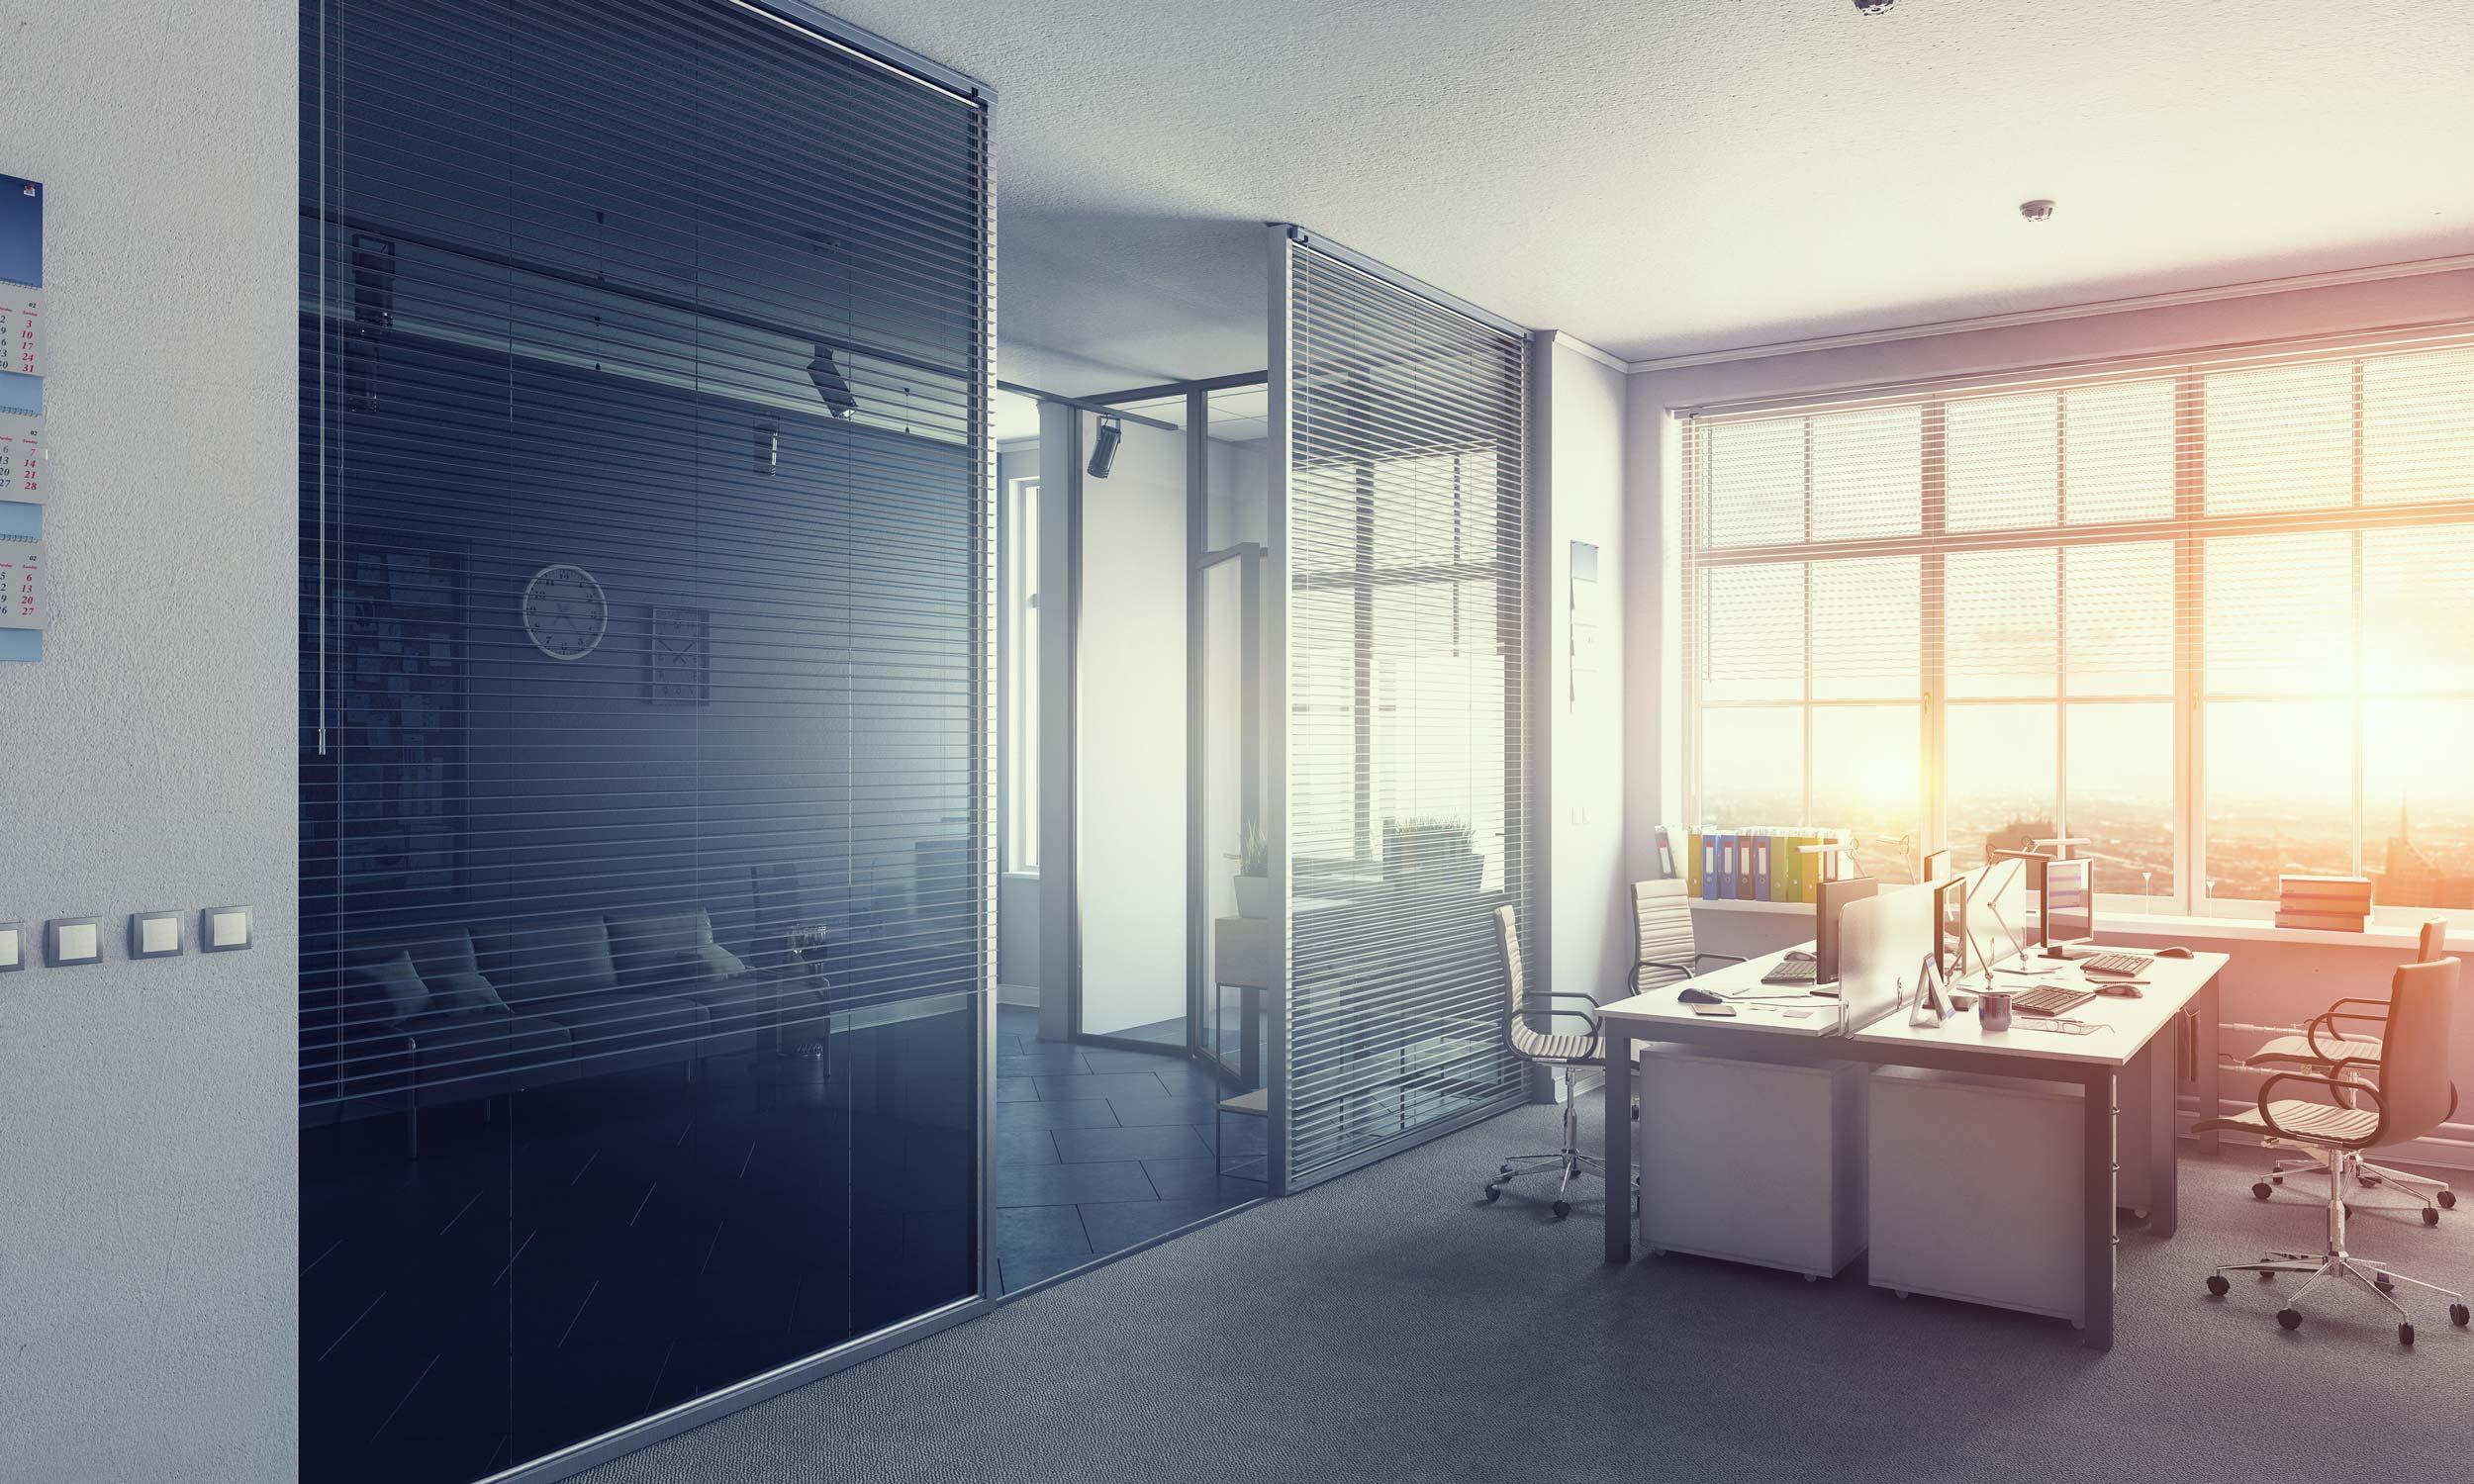 Progettare un ufficio funzionale